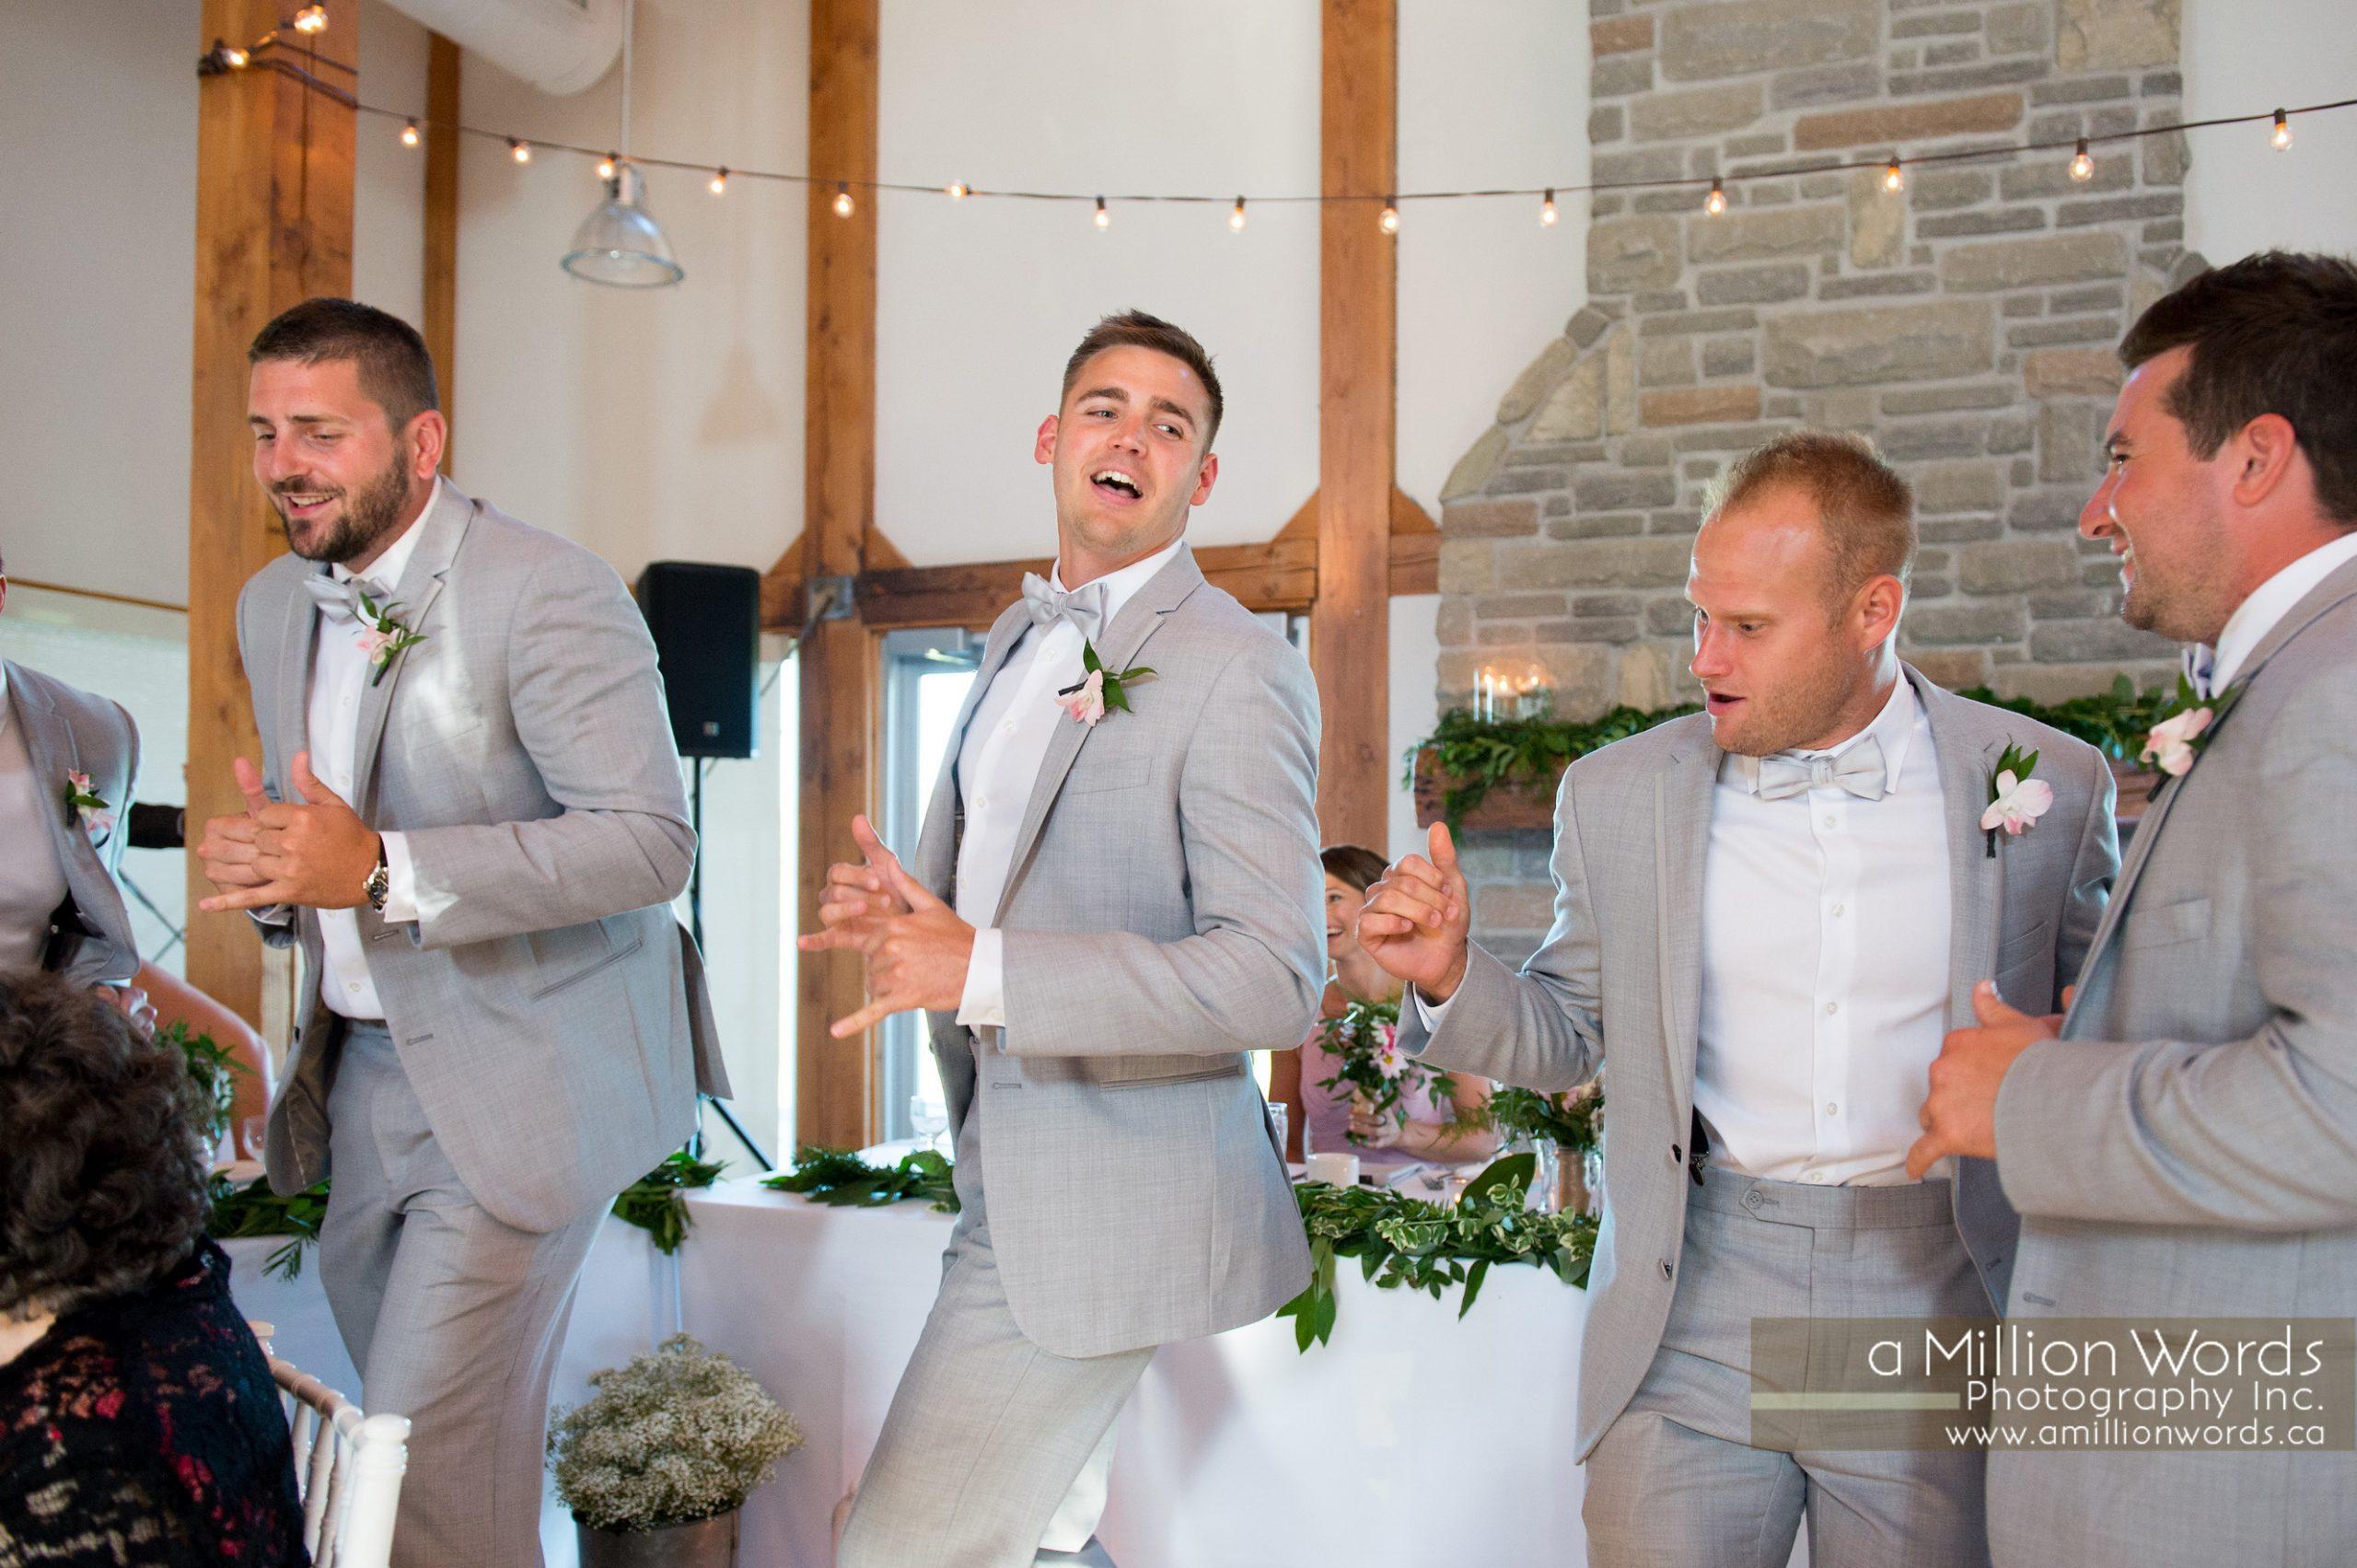 kw_wedding_photography43